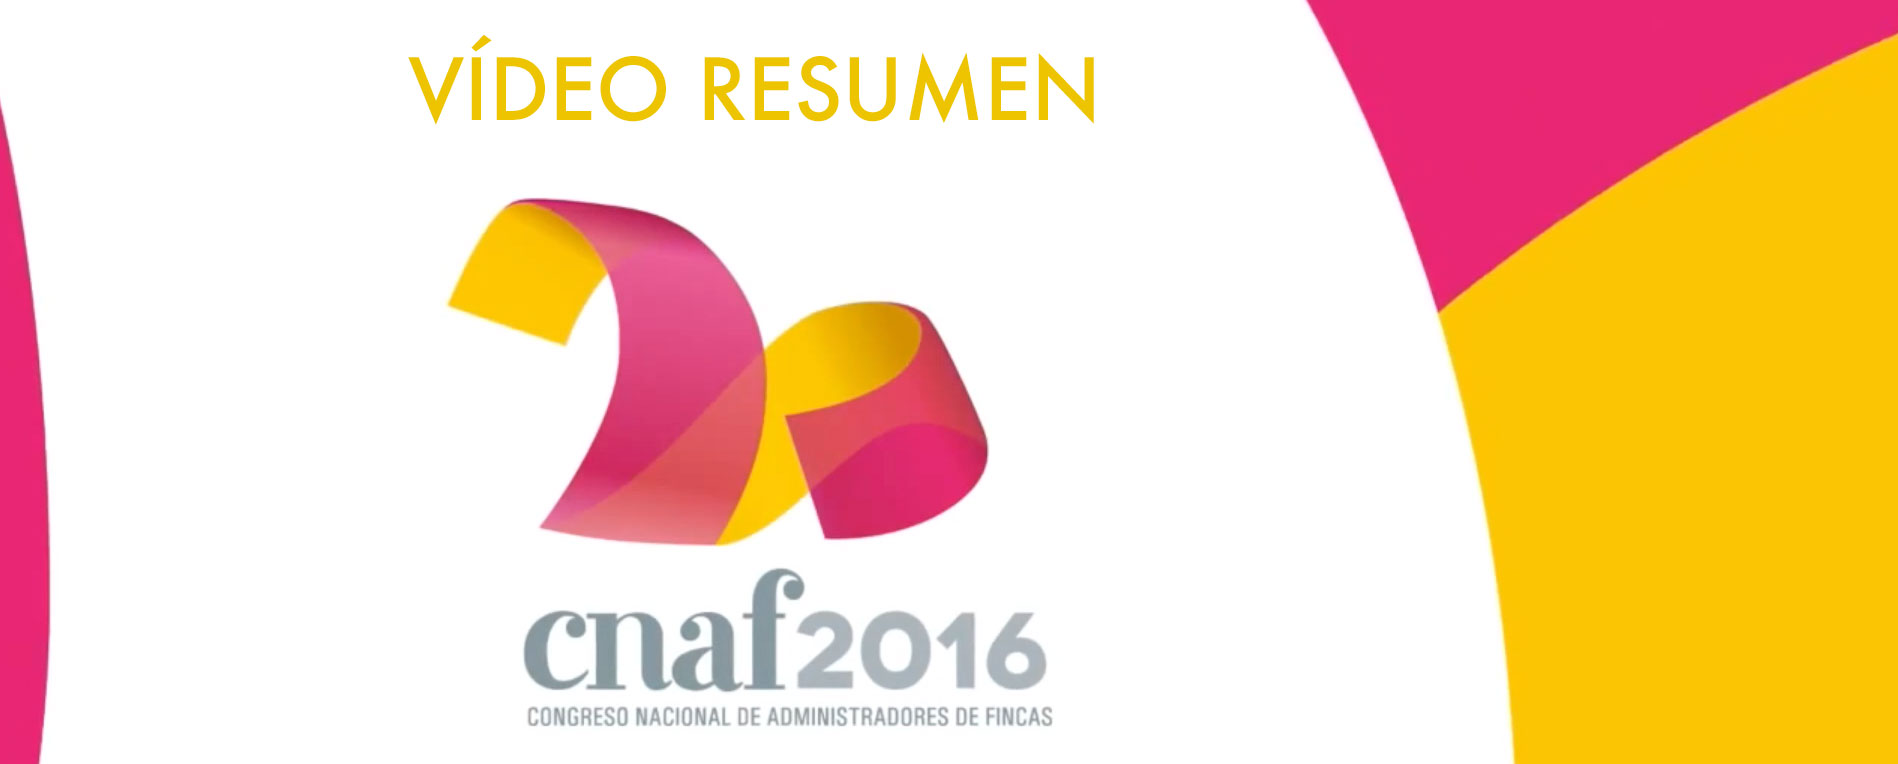 V deo resumen cnaf2016 cafs colegio de administradores - Colegio de administradores de fincas de barcelona ...